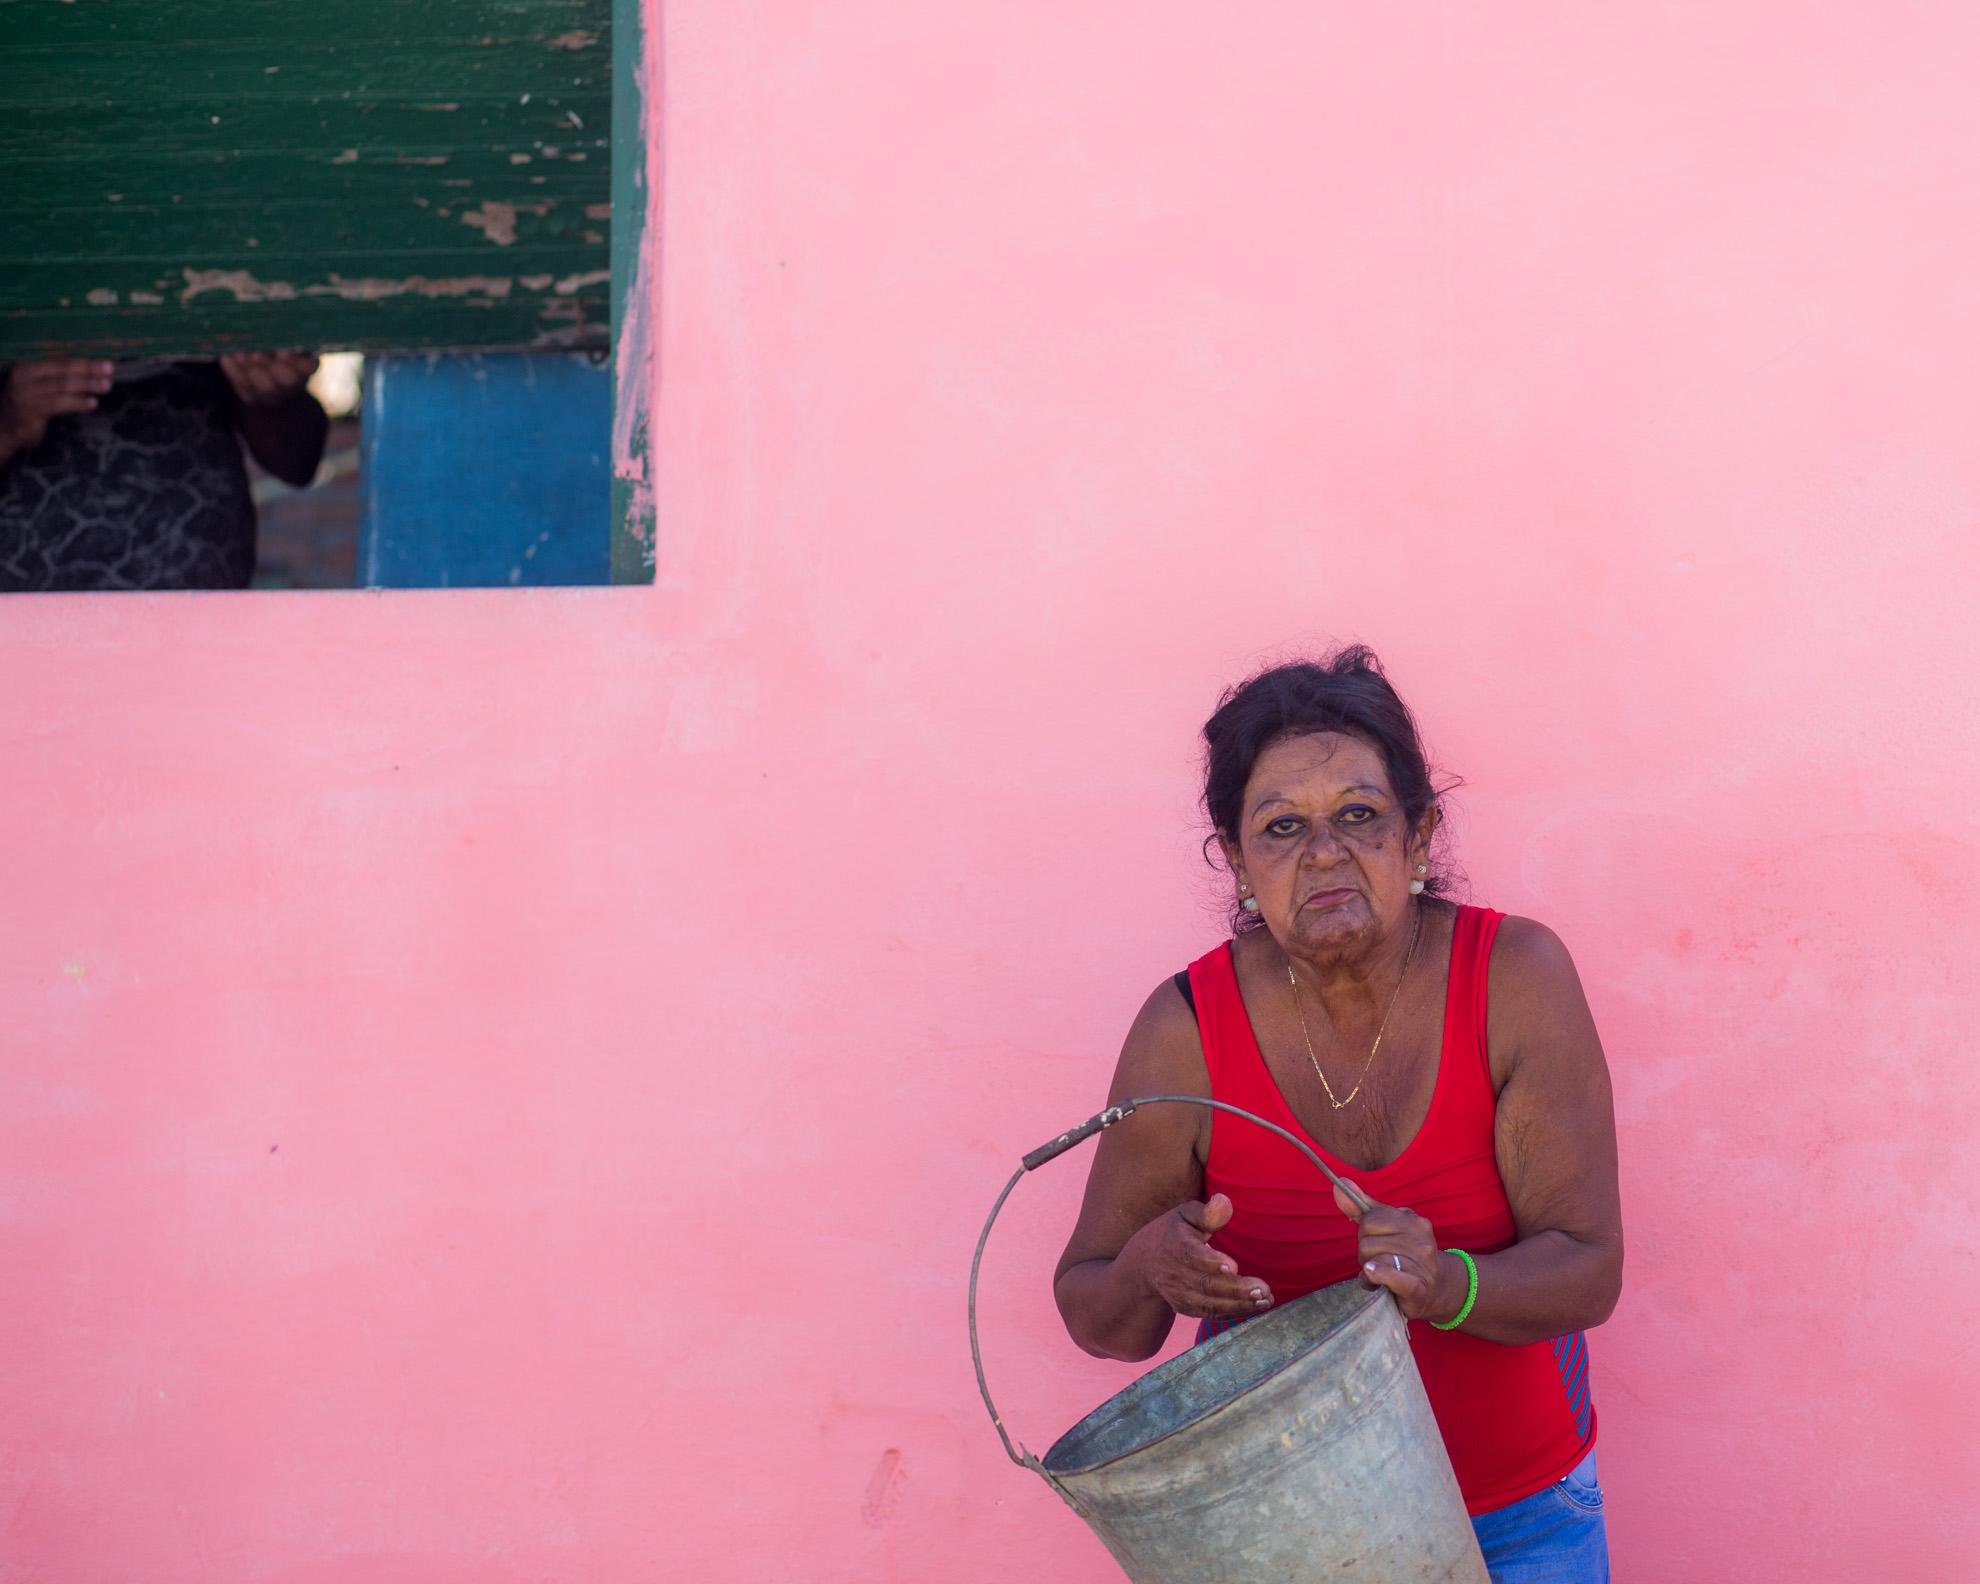 O Saillard Photographe - Cuba-033.jpg